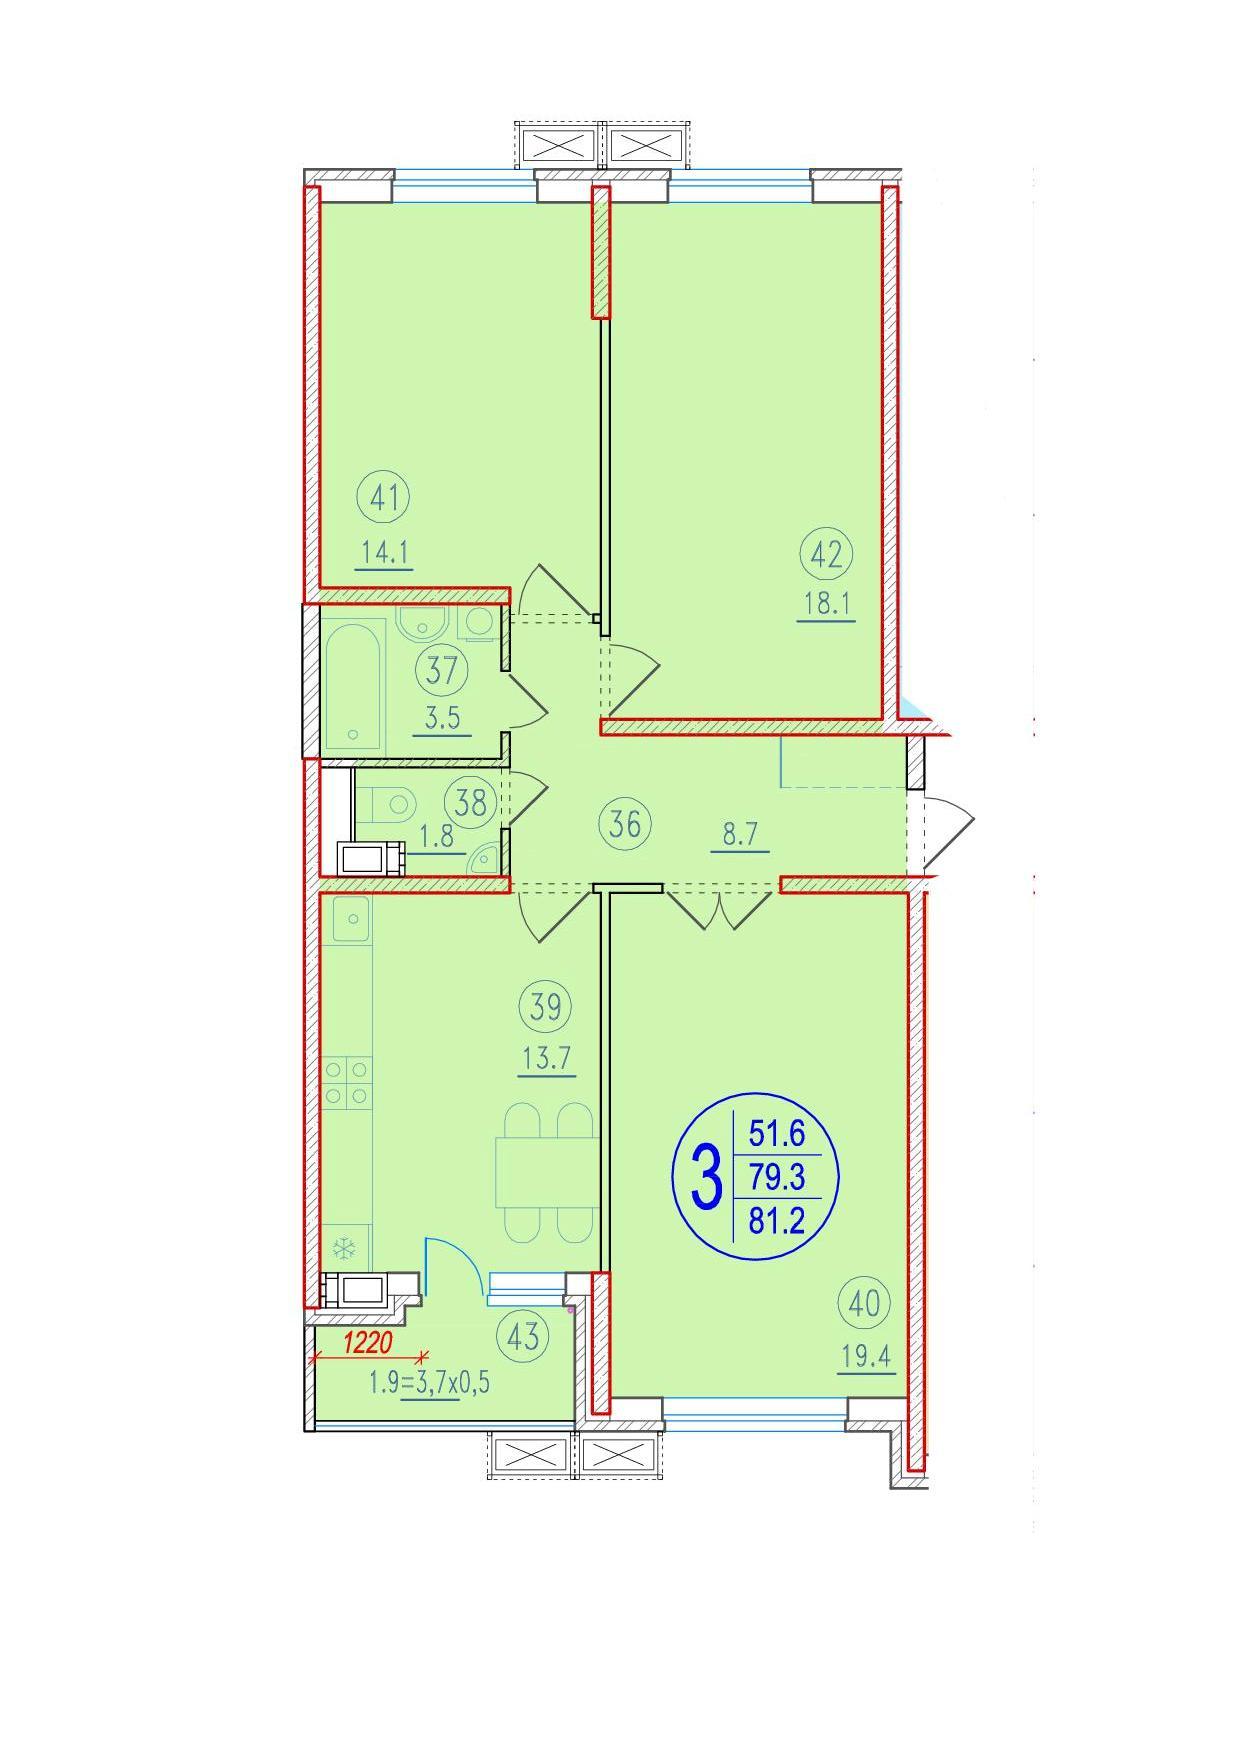 3-комнатная 81.2<span>м<sup>2</sup></span>